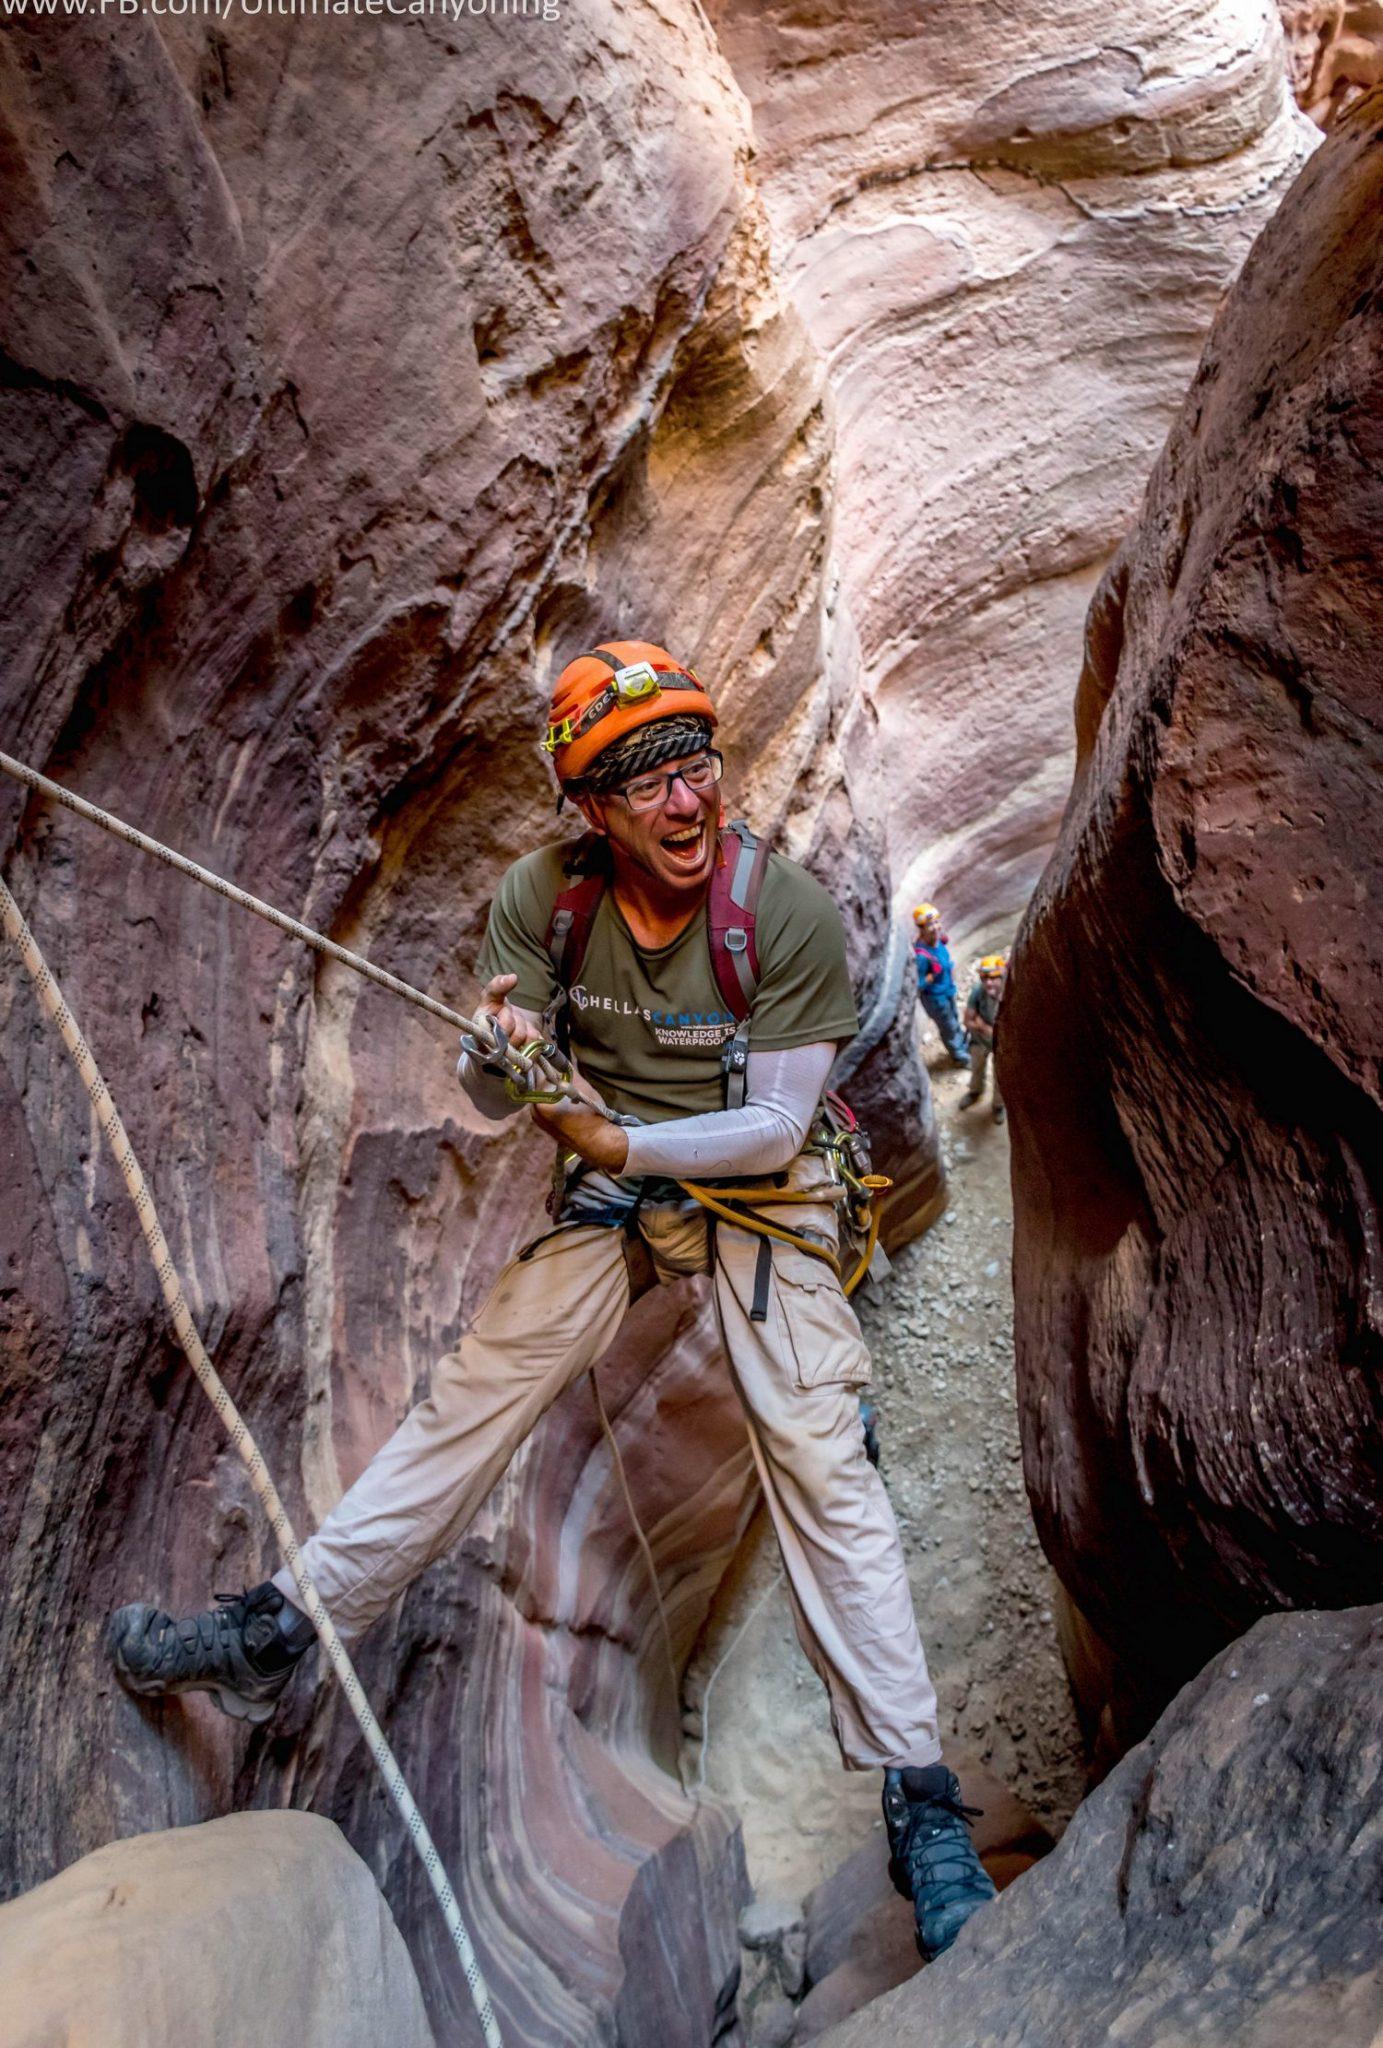 טיול סנפלינג בירדן - לאוהבי לכת ואתגר - ערוצים בטבע